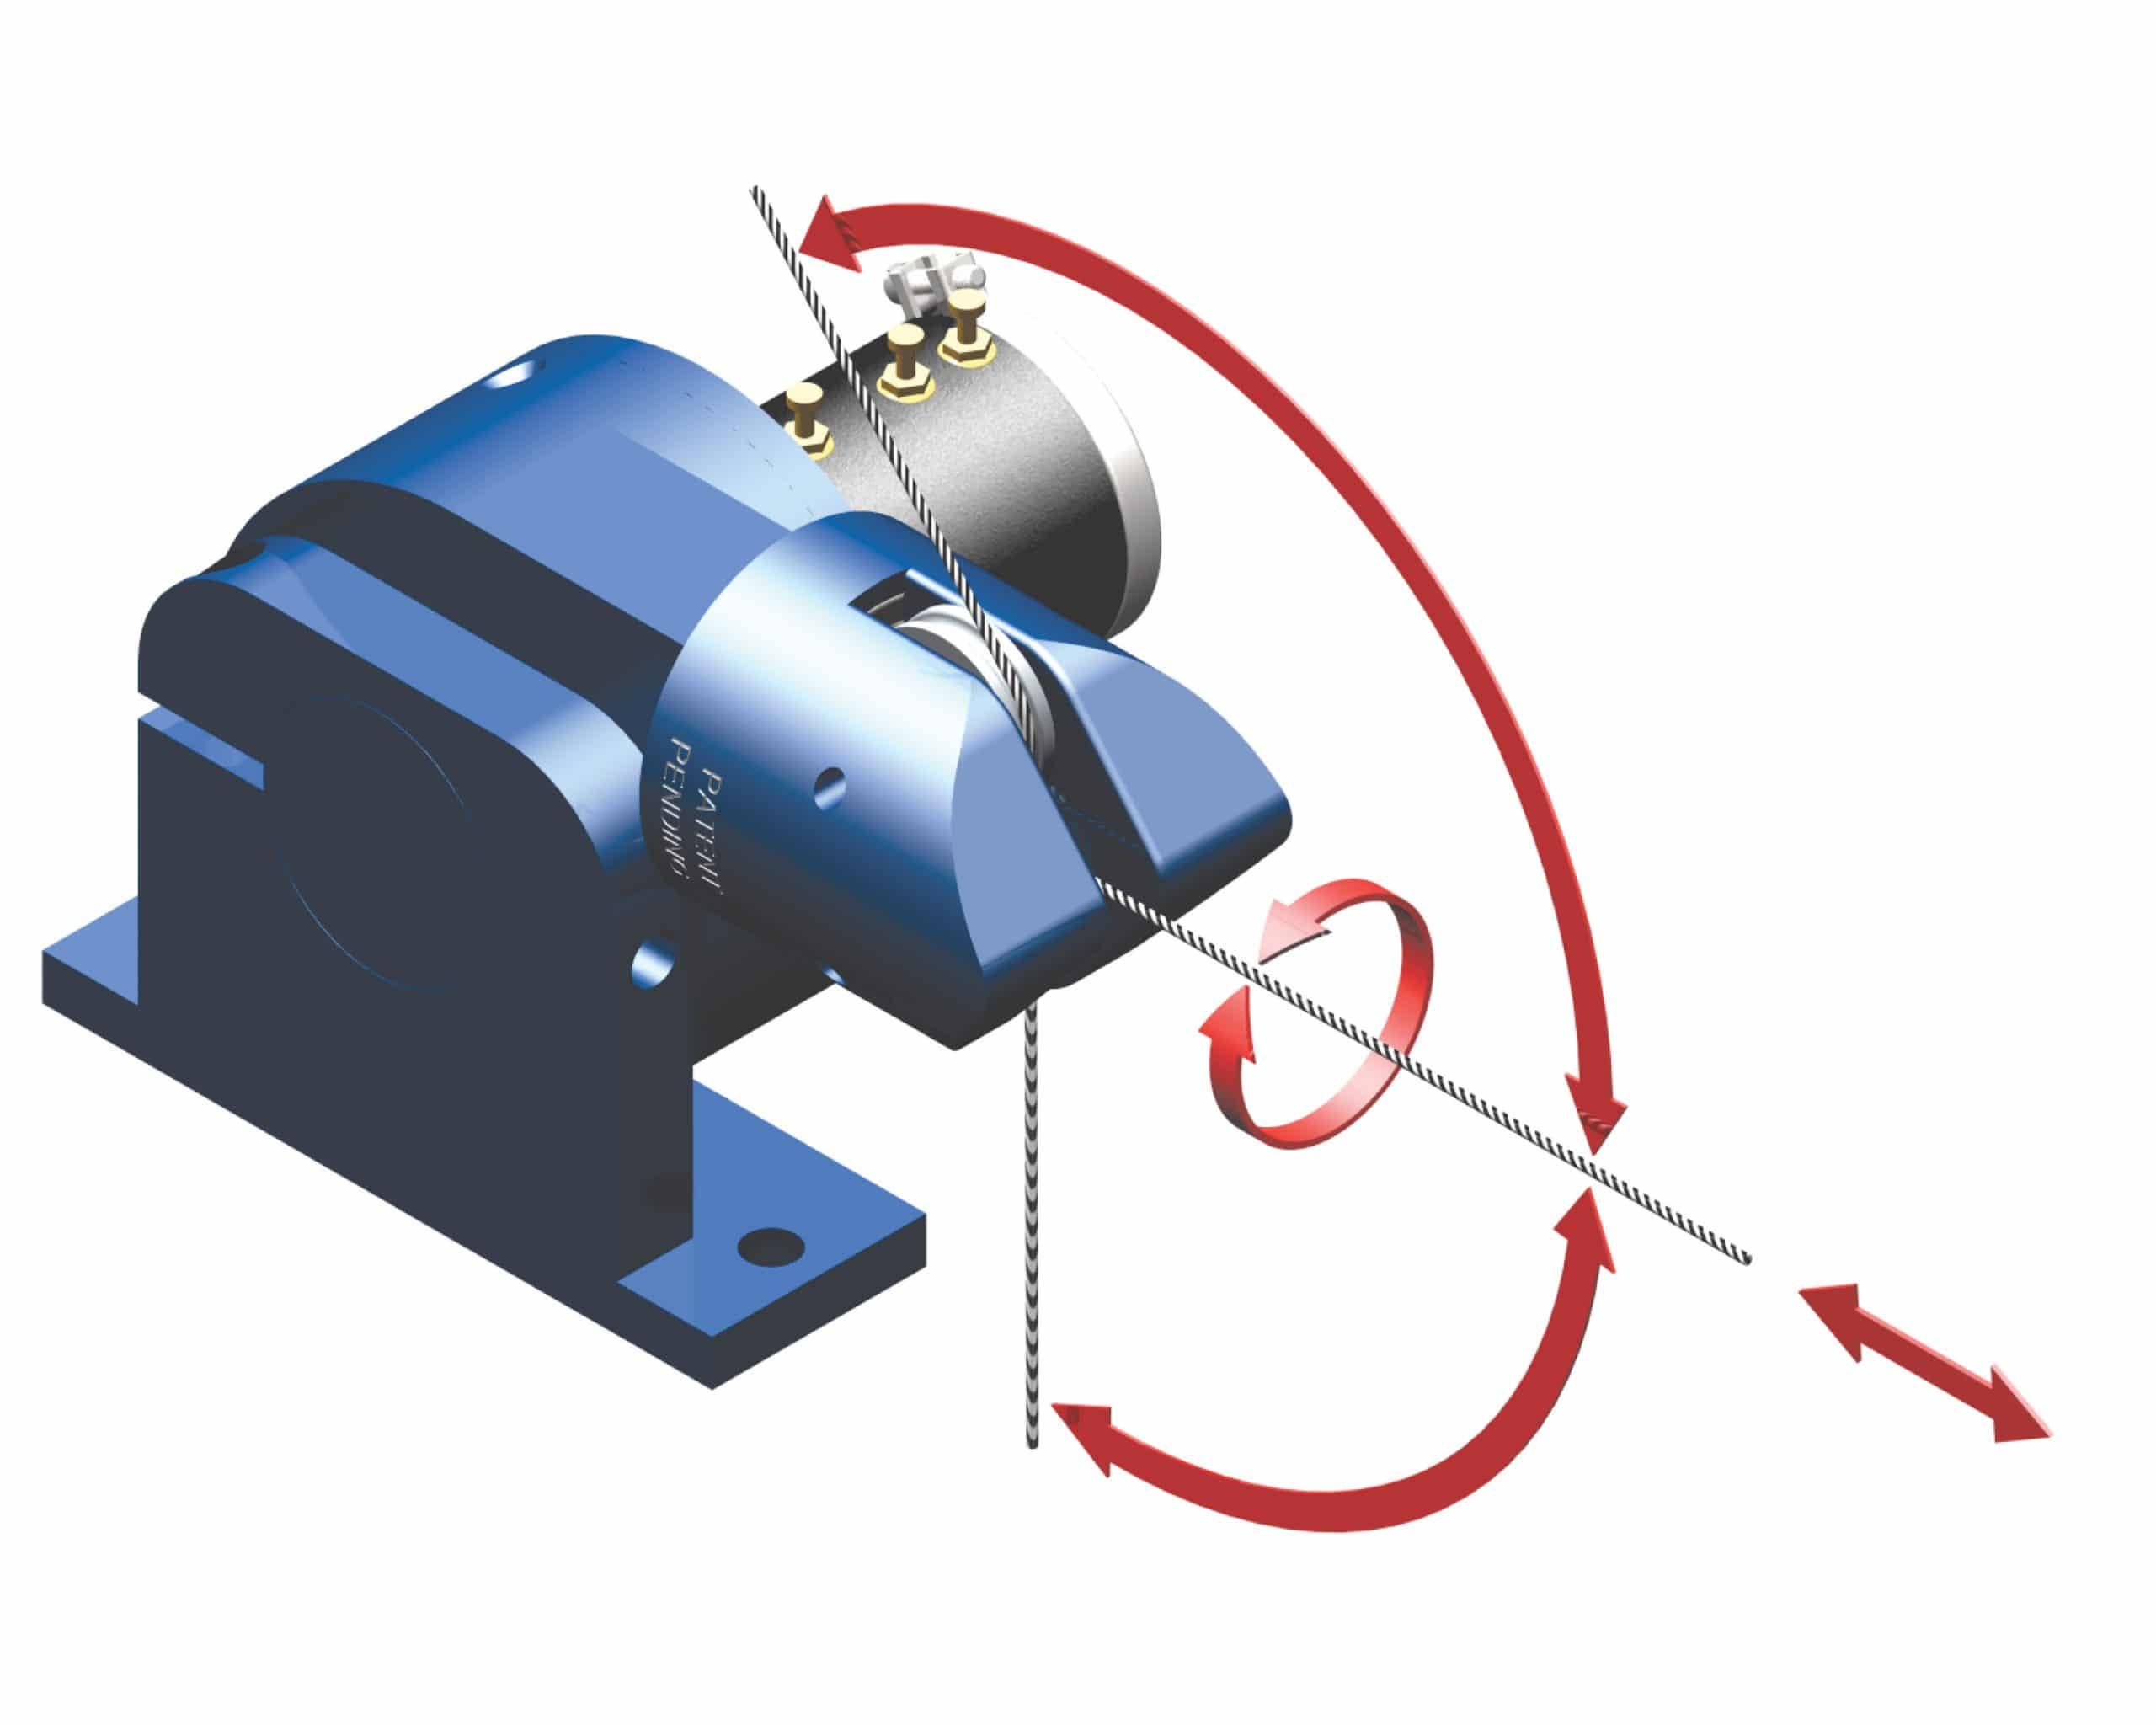 Seilzugpotentiometer mit RoundAbout RBT für flexible 2D/3D Messseilführung